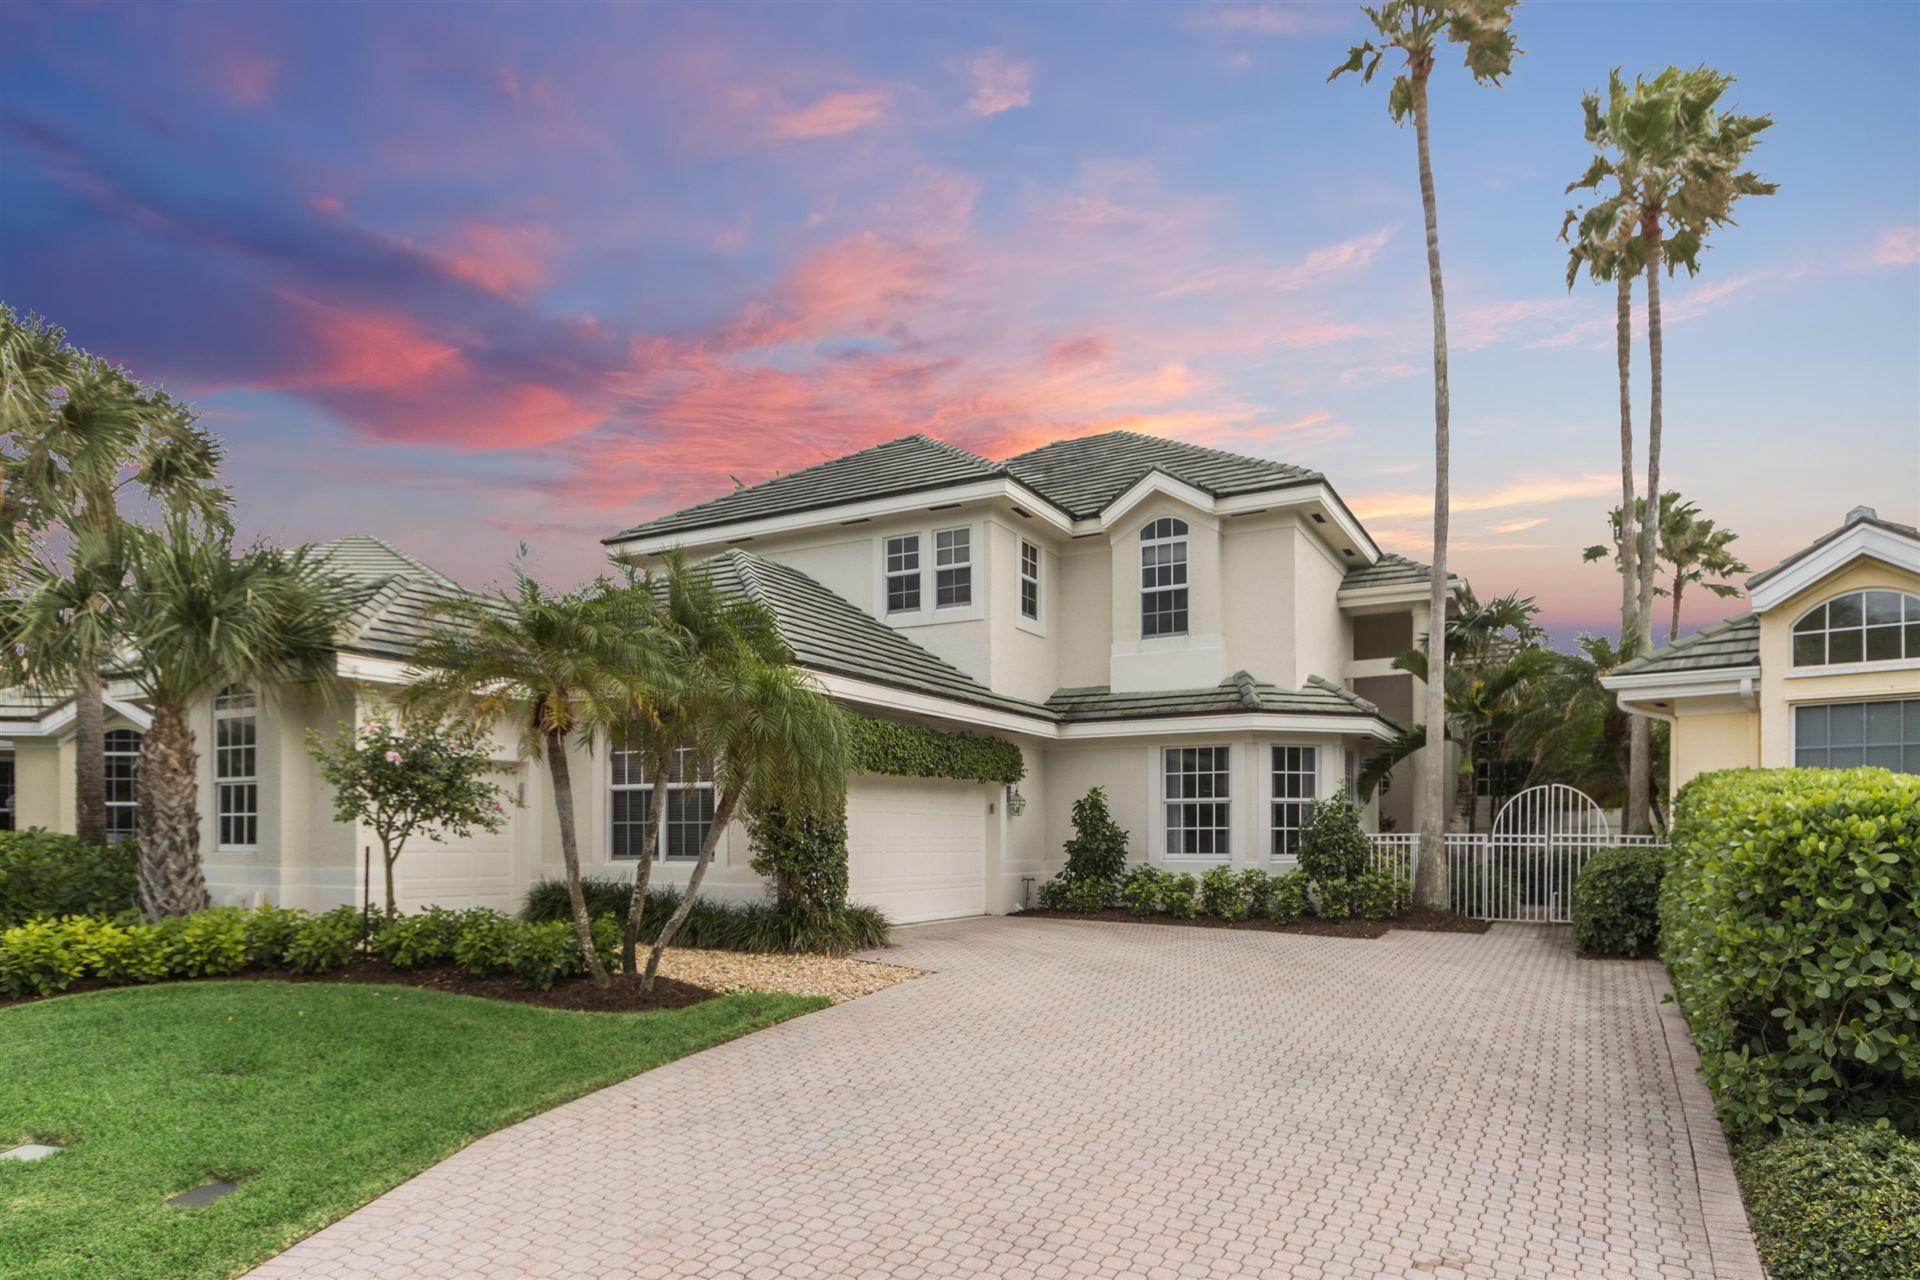 2890 SE Dune Drive, Stuart, FL 34996 - #: RX-10681979